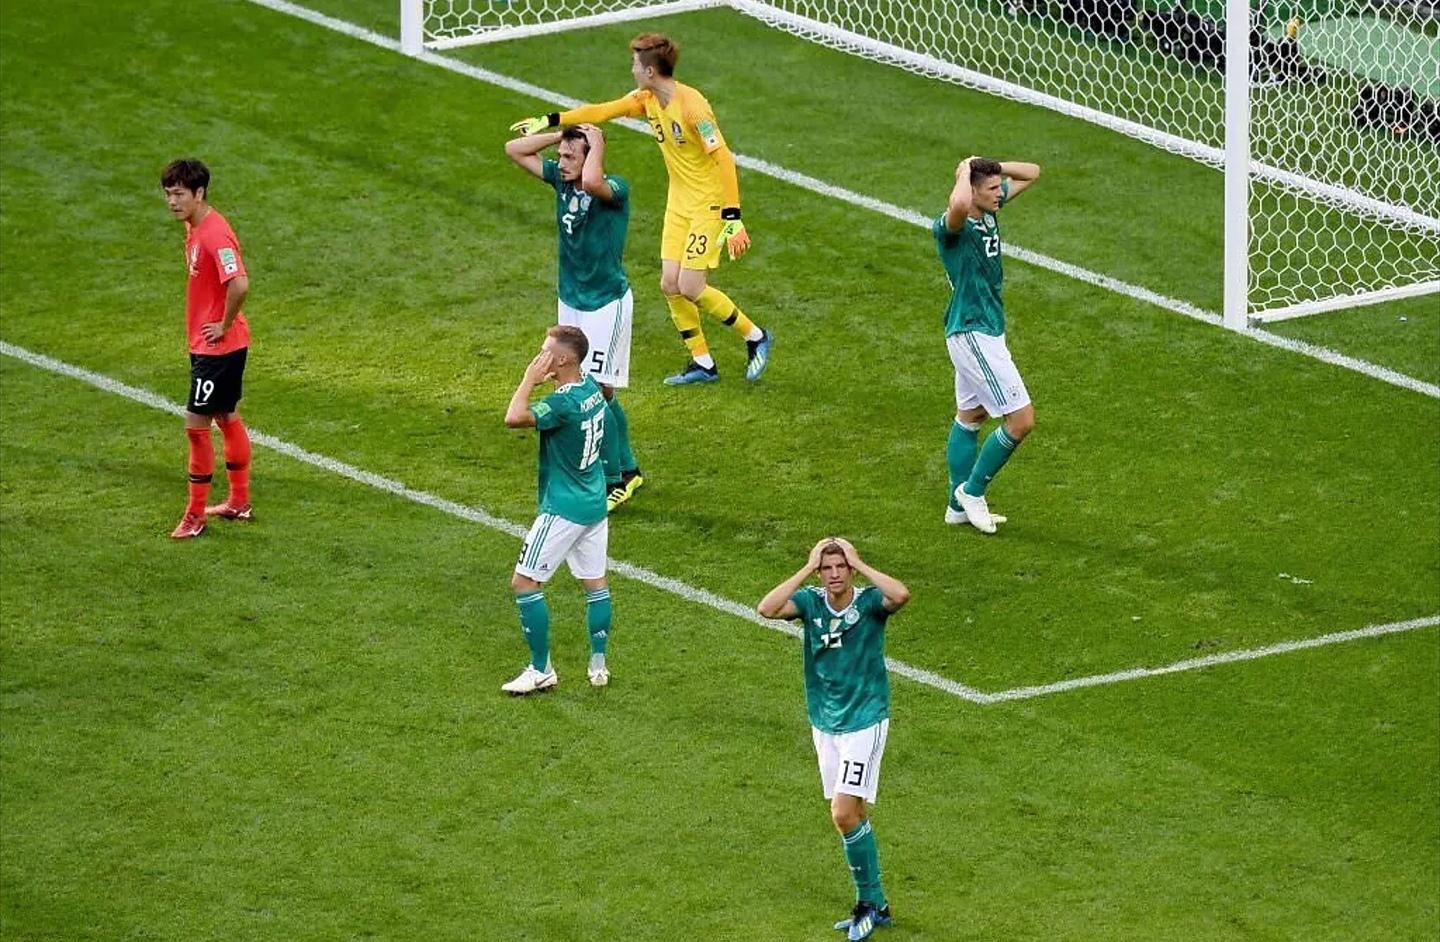 27:德国队延续了大热必死的戏剧传统